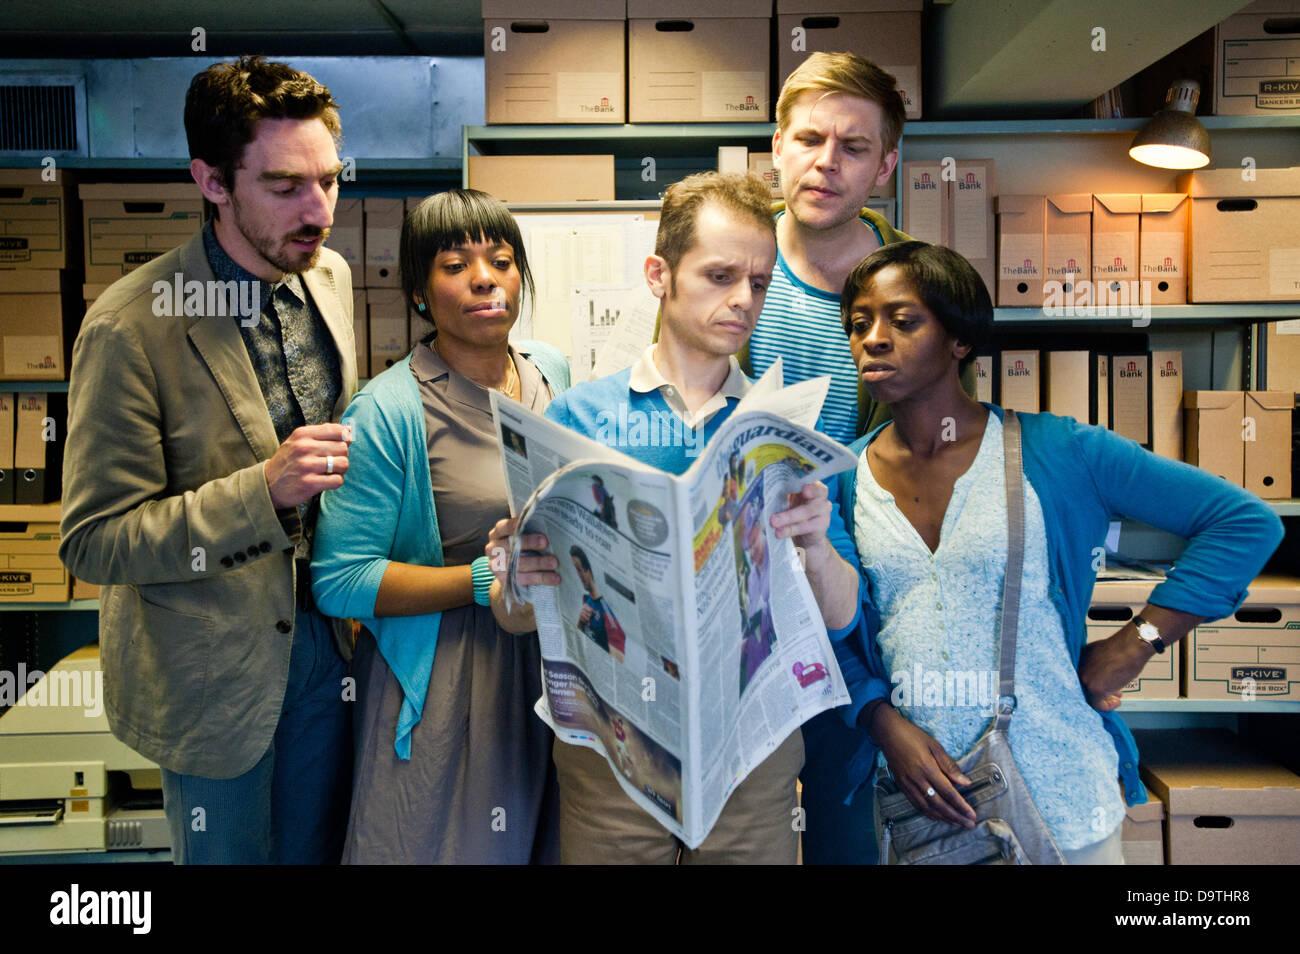 """London, Regno Unito - 26 Giugno 2013: Theater-Rites - """"Banca su di esso """" è un interattivo, promenade Immagini Stock"""